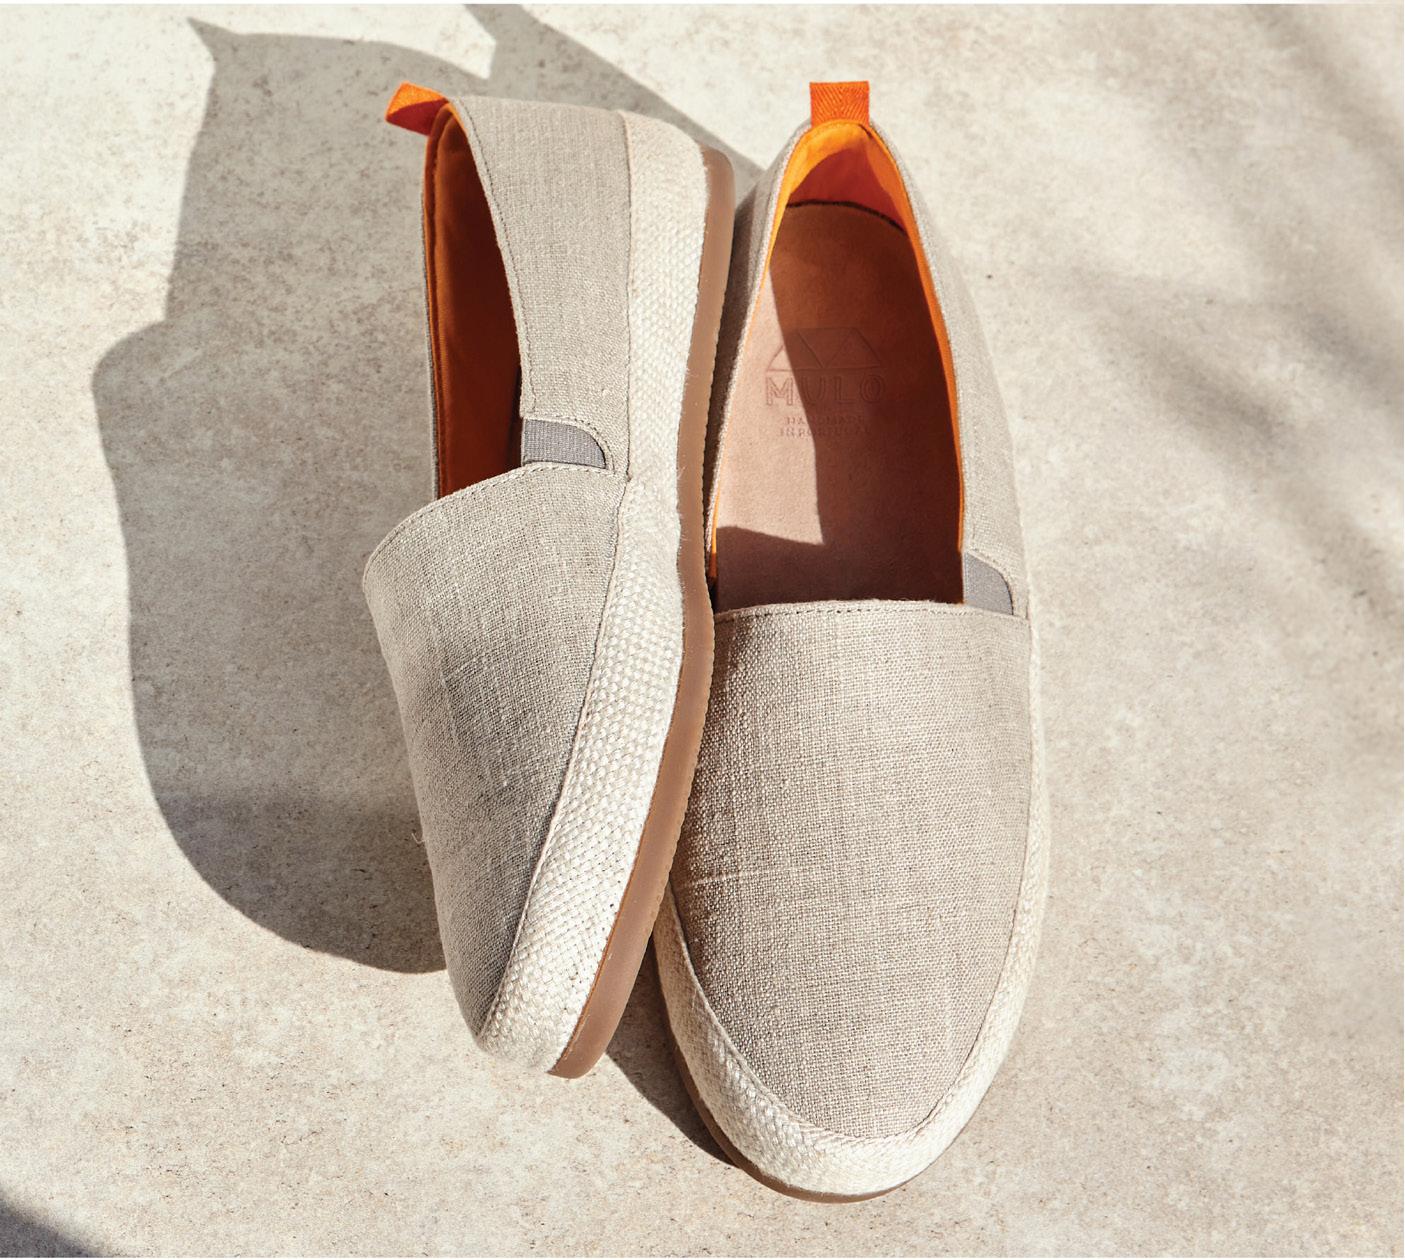 Cream Espadrilles - Mens shoes for beach